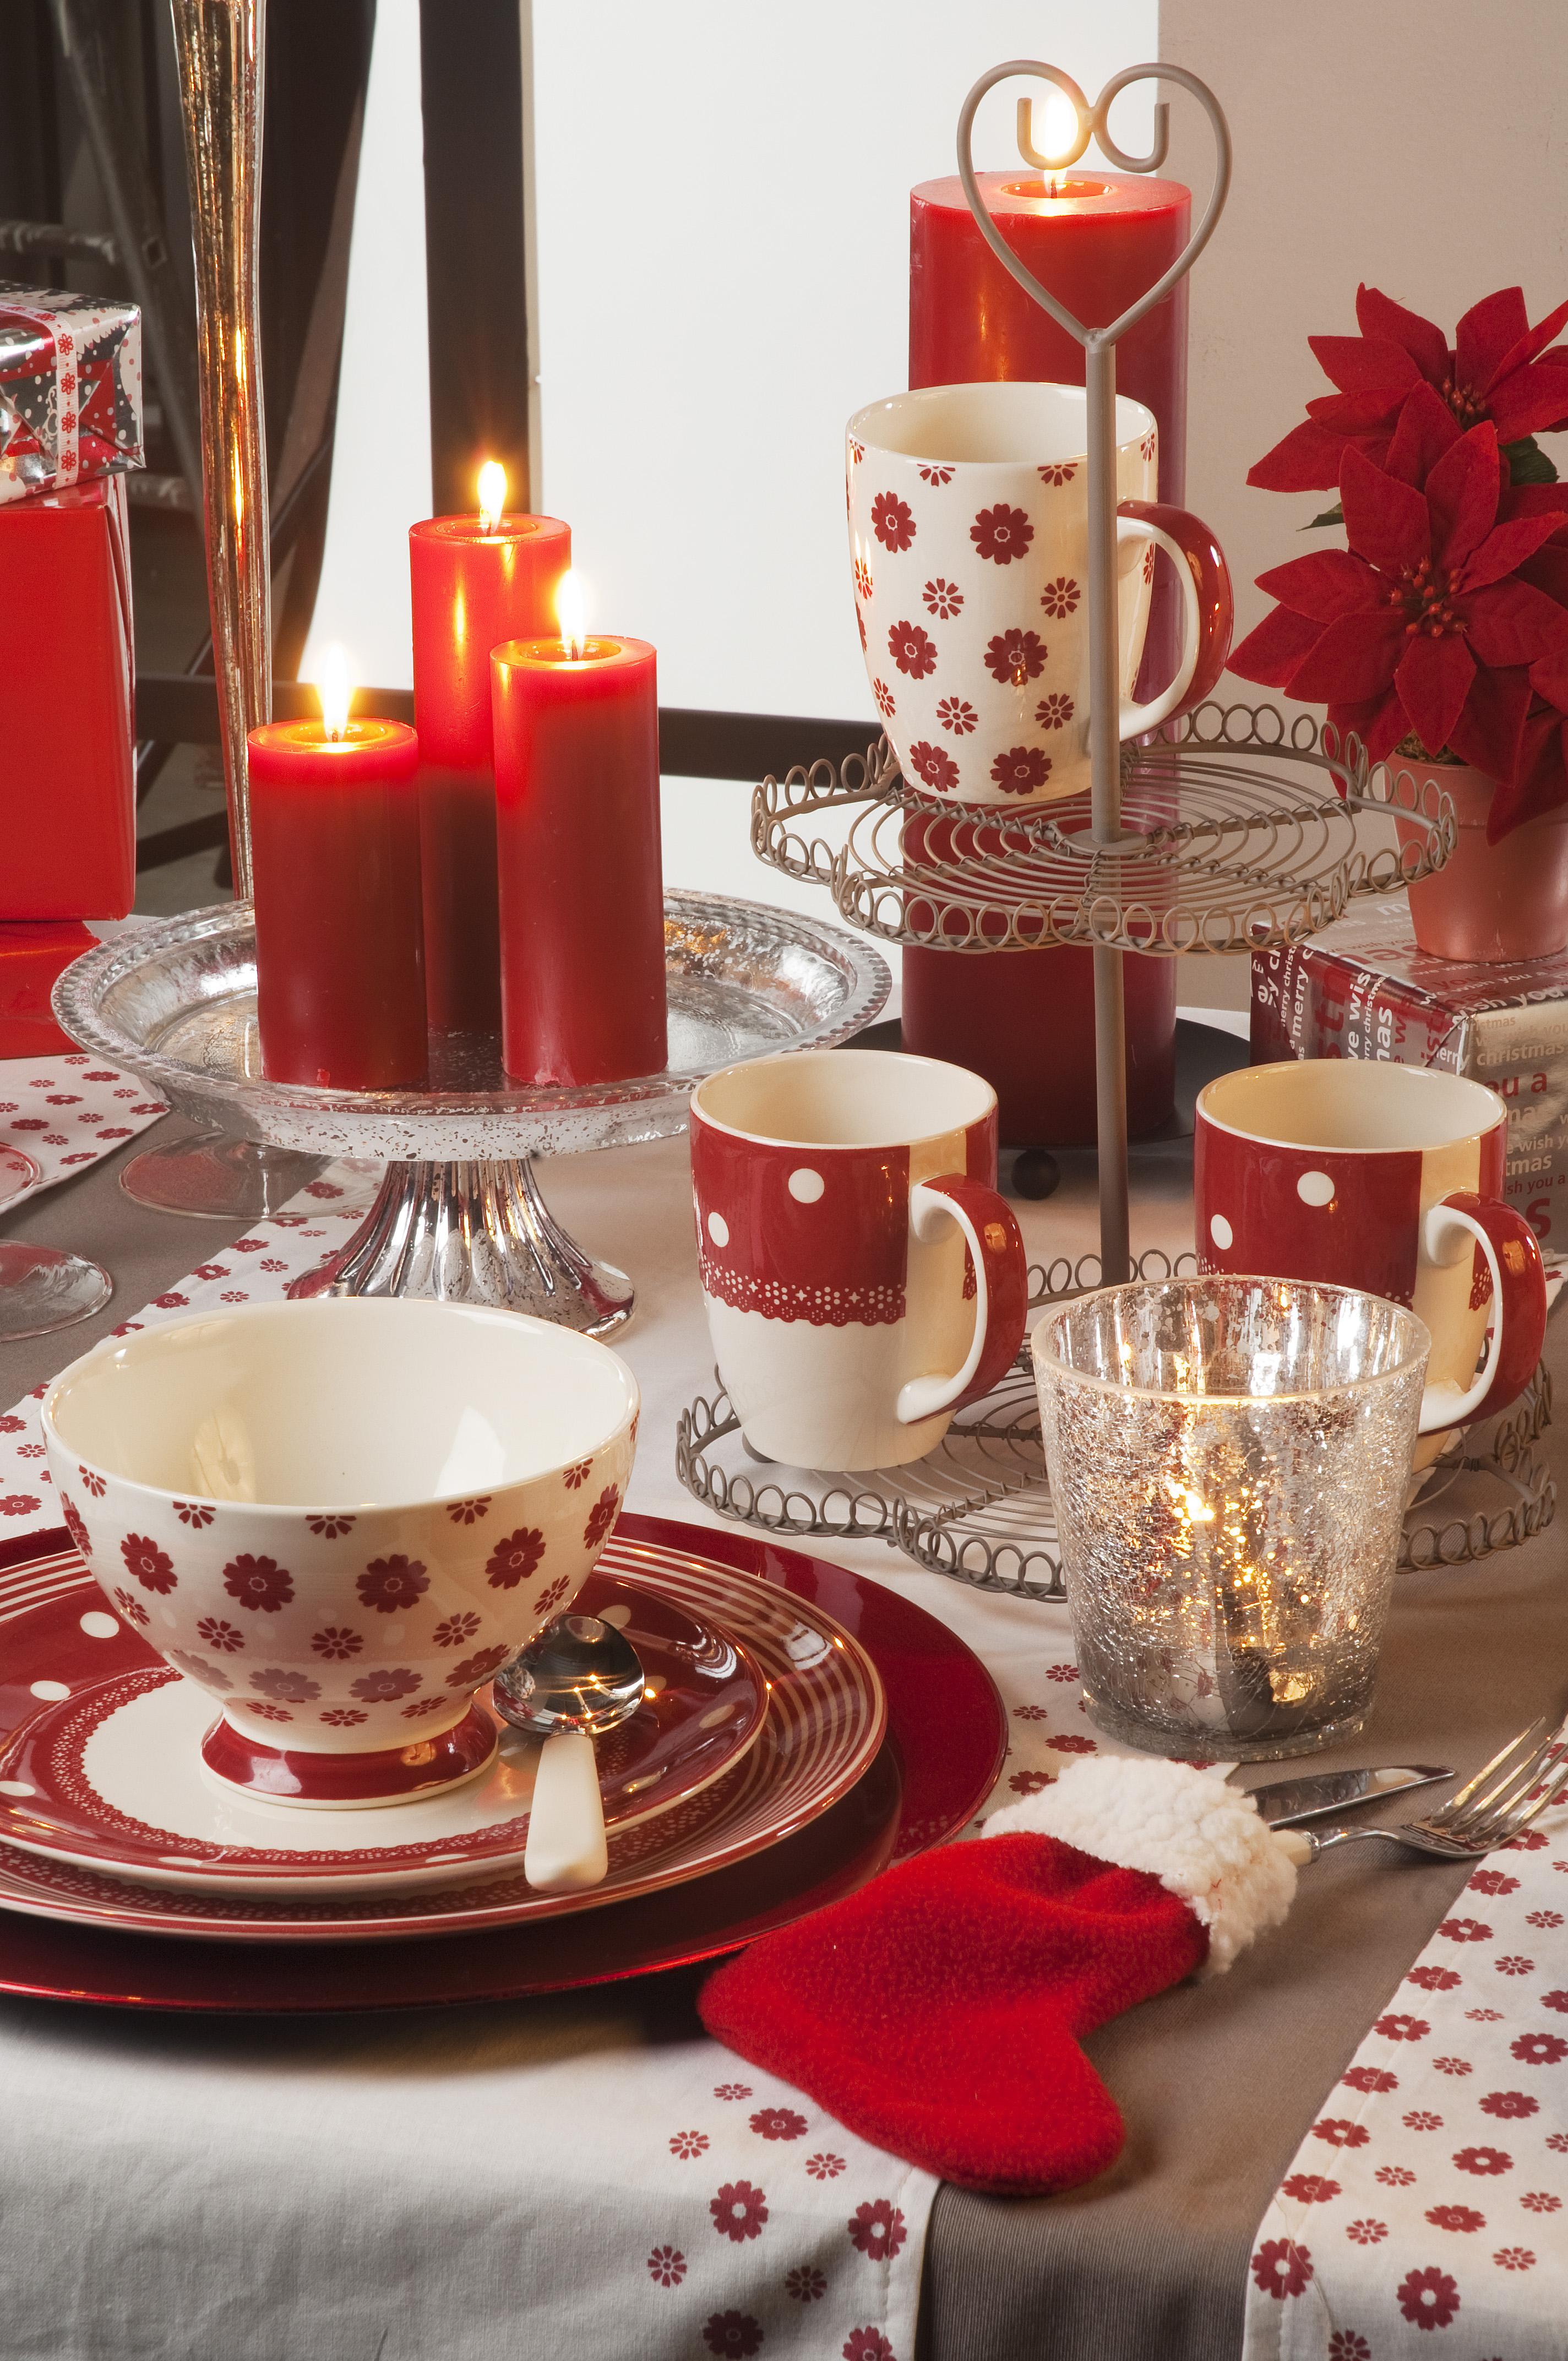 Apparecchiare Tavola Natale 2013 (13) Design Mon Amour #C88703 2848 4288 Come Addobbare La Sala Da Pranzo Per Natale